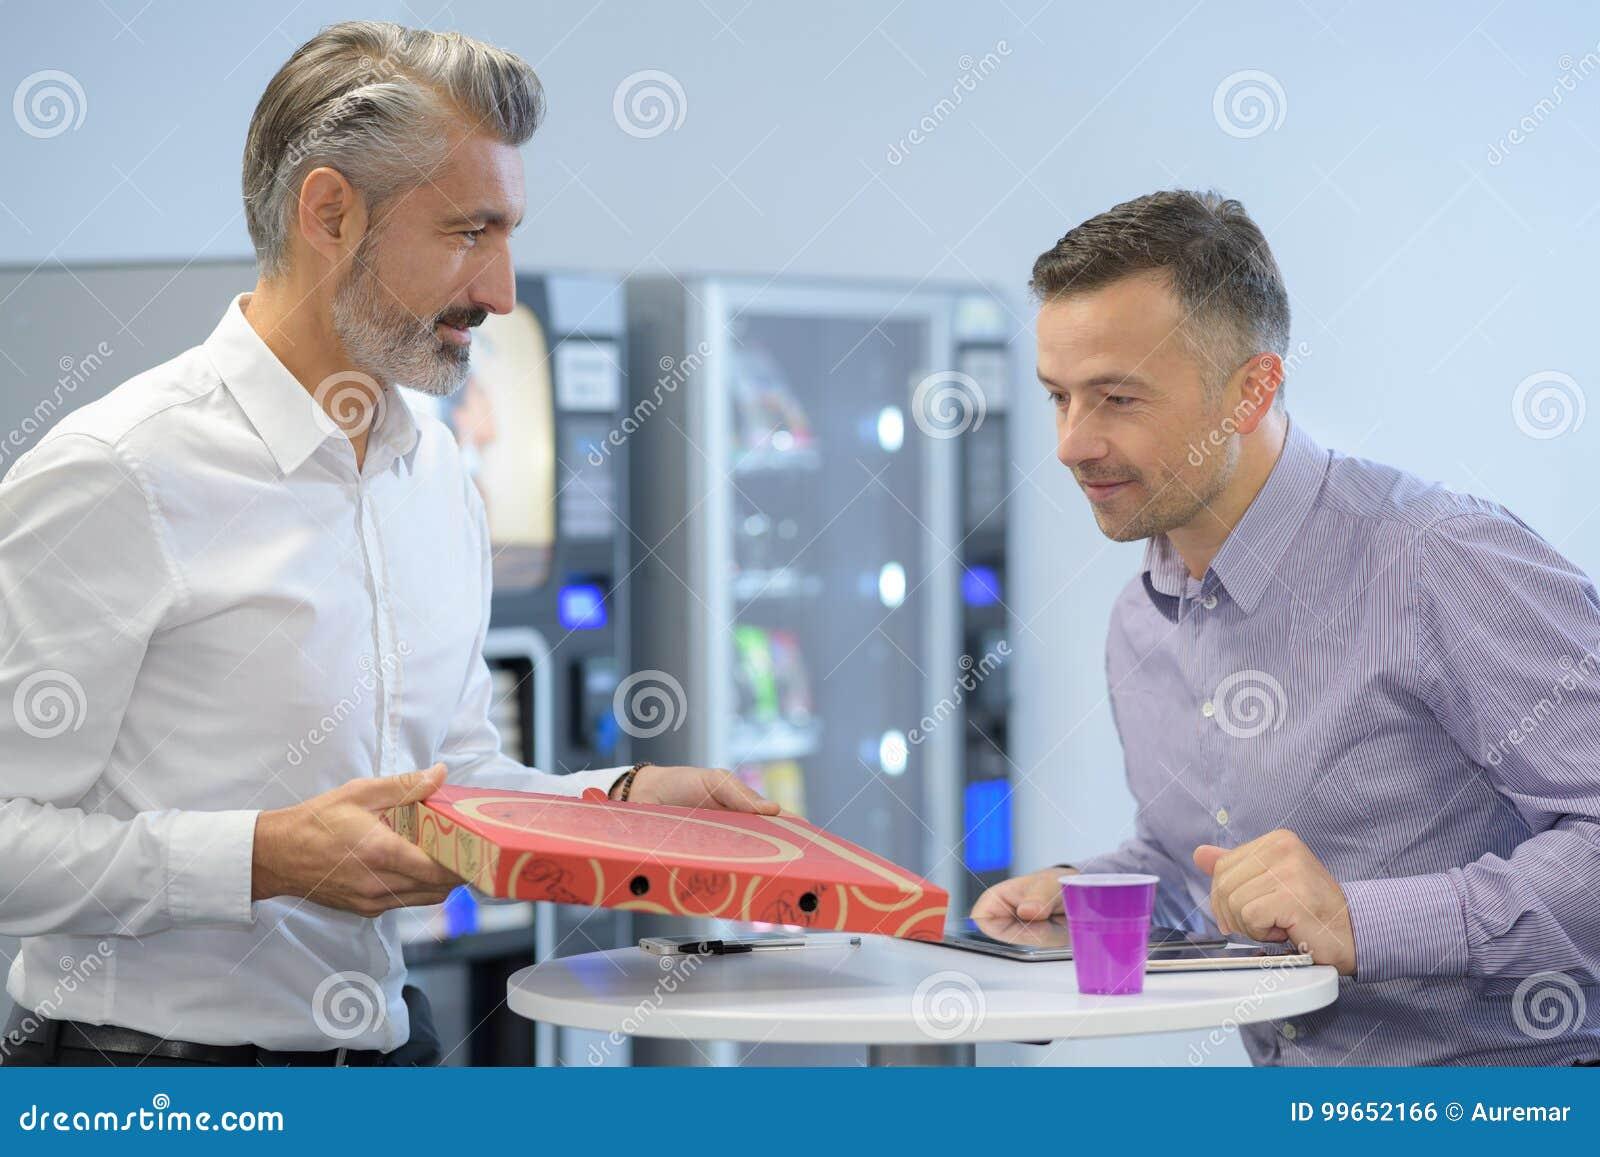 Zwei Kollegen Die Pizza Wahrend Der Mittagspause Im Buro Essen